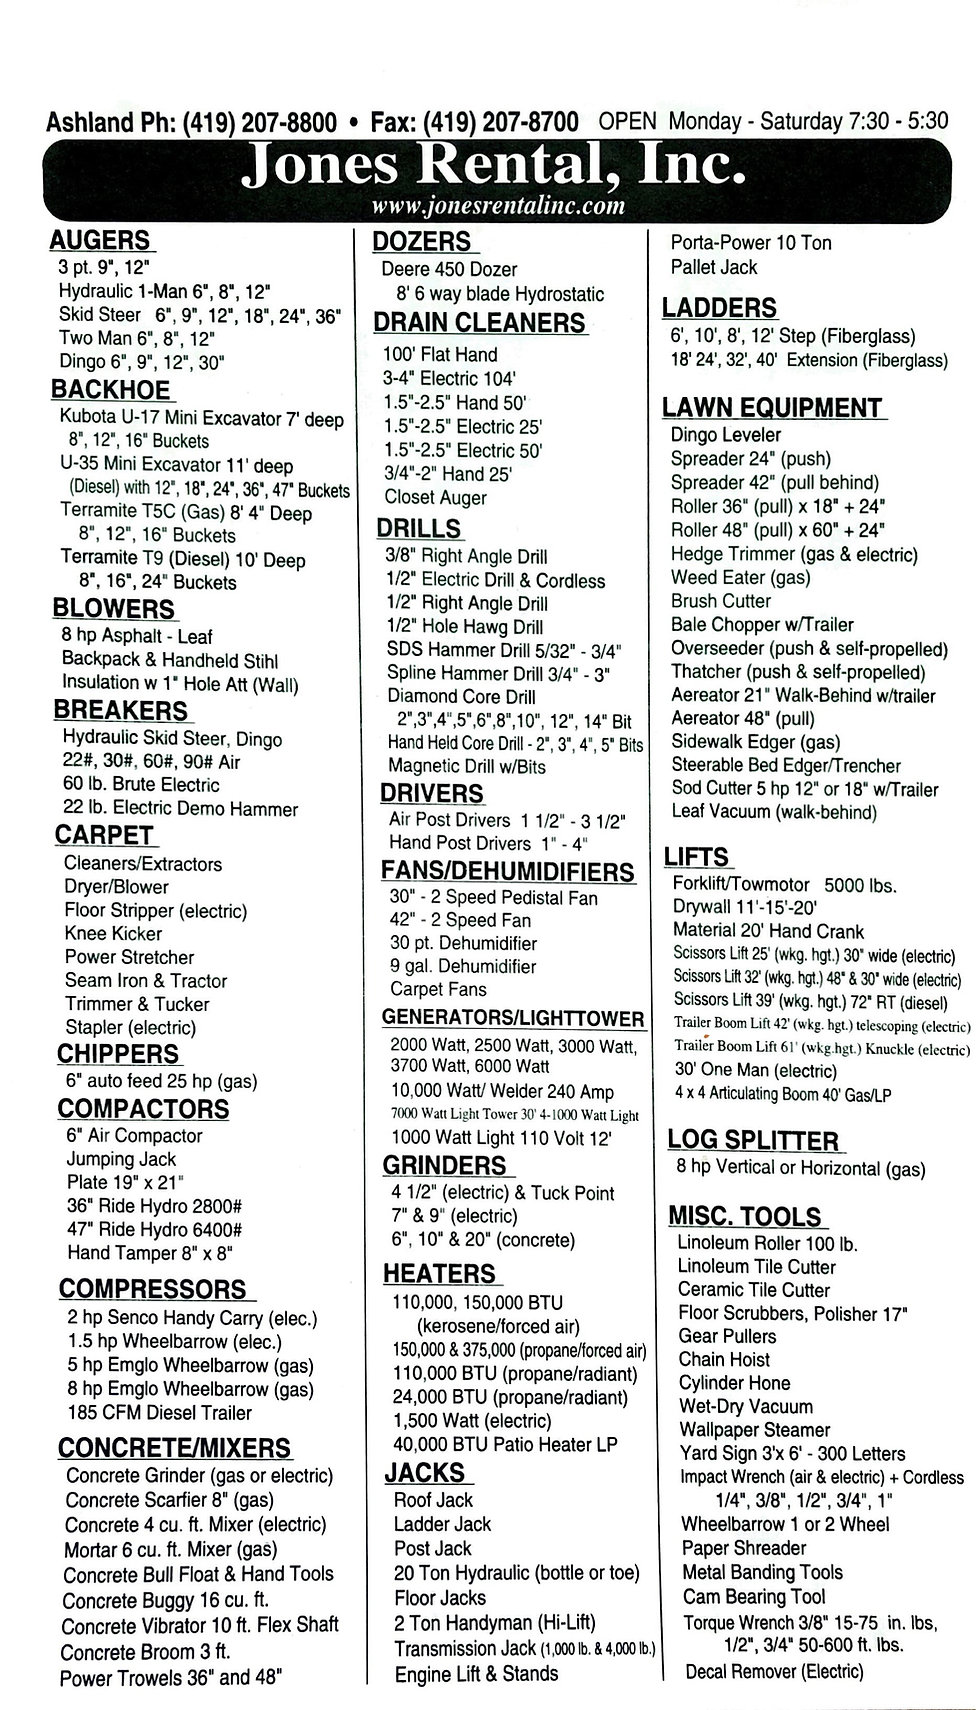 Jones Rental equipment rental and party rental options.